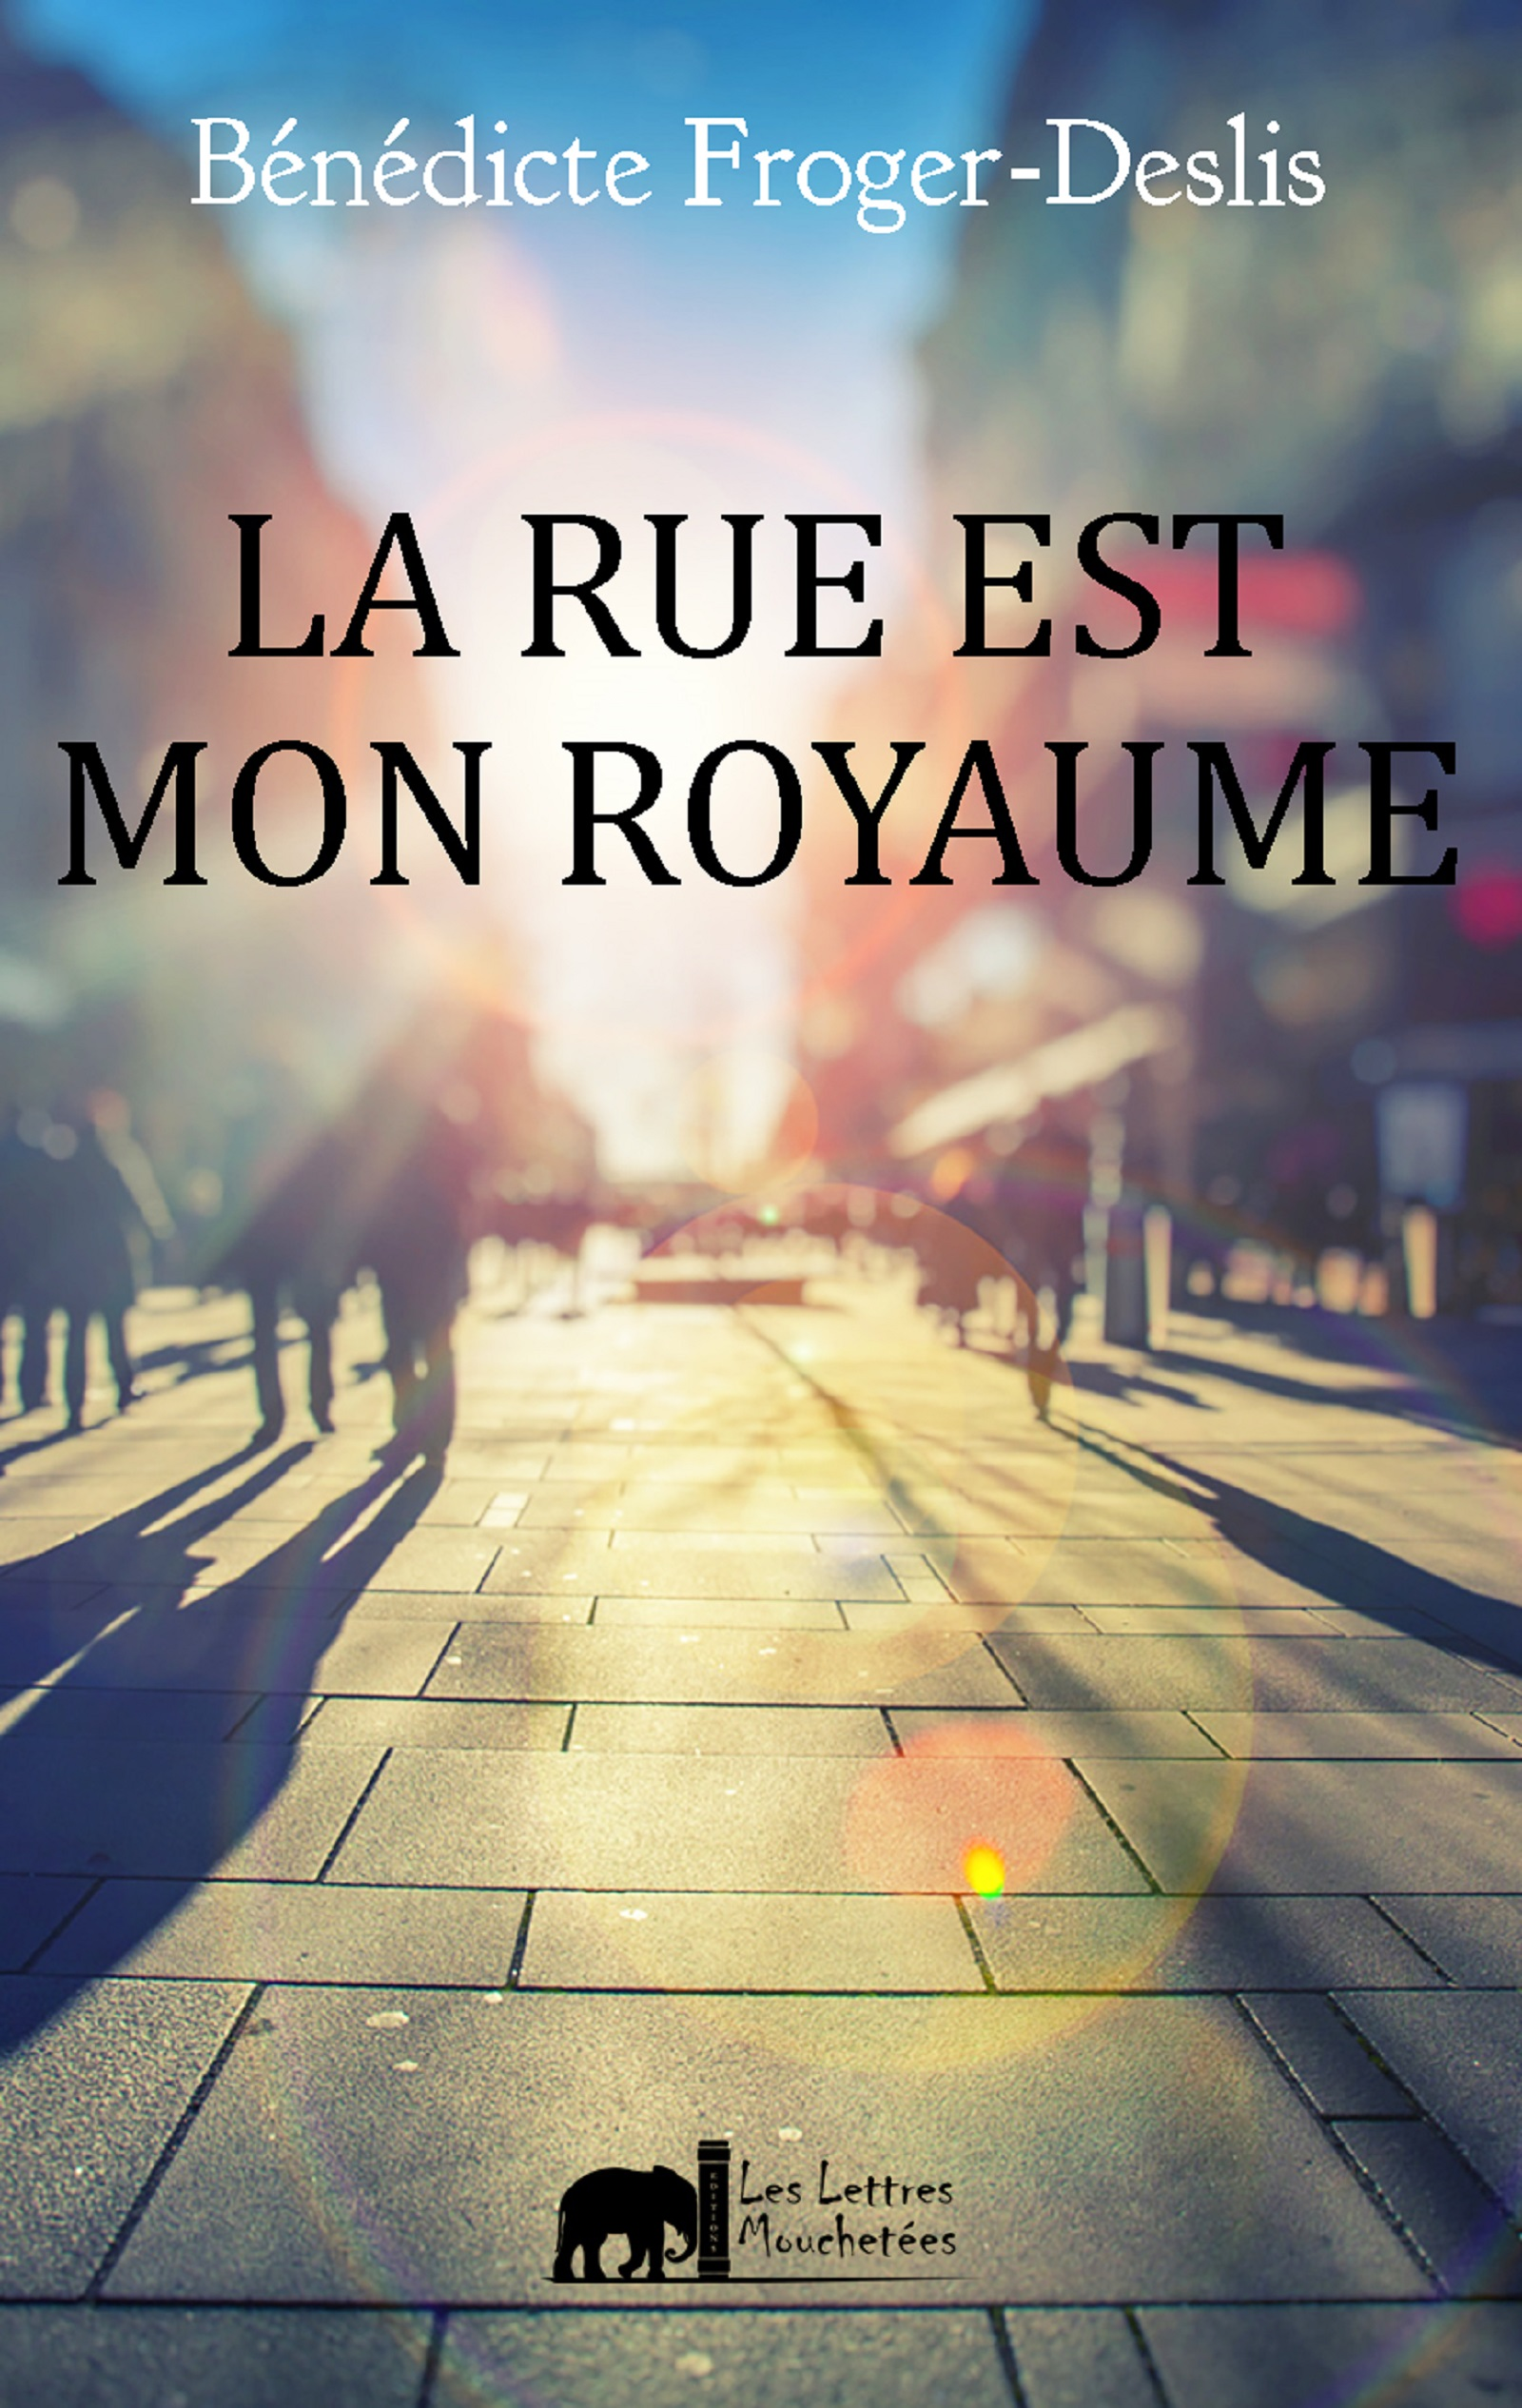 La rue est mon royaume, Un roman contemporain